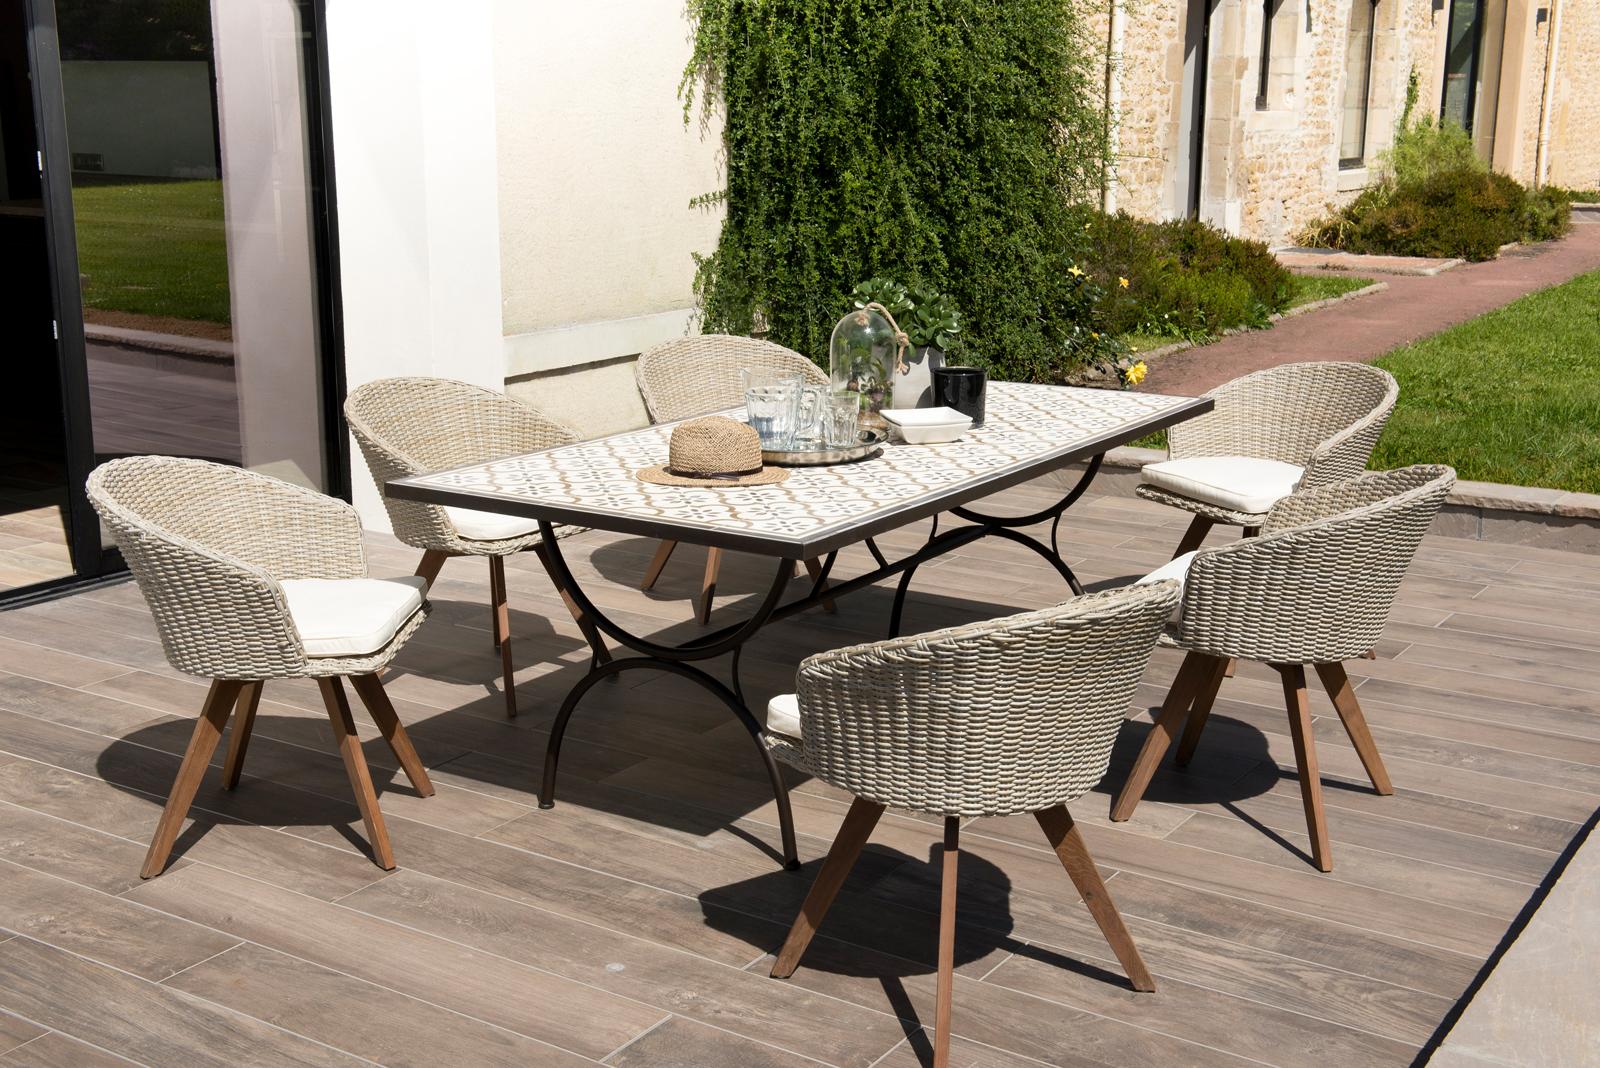 Salon De Jardin Carreau De Ciment salon de jardin summer (1 table de jardin 200x100 carreaux de ciment, 6  fauteuils de jardin)